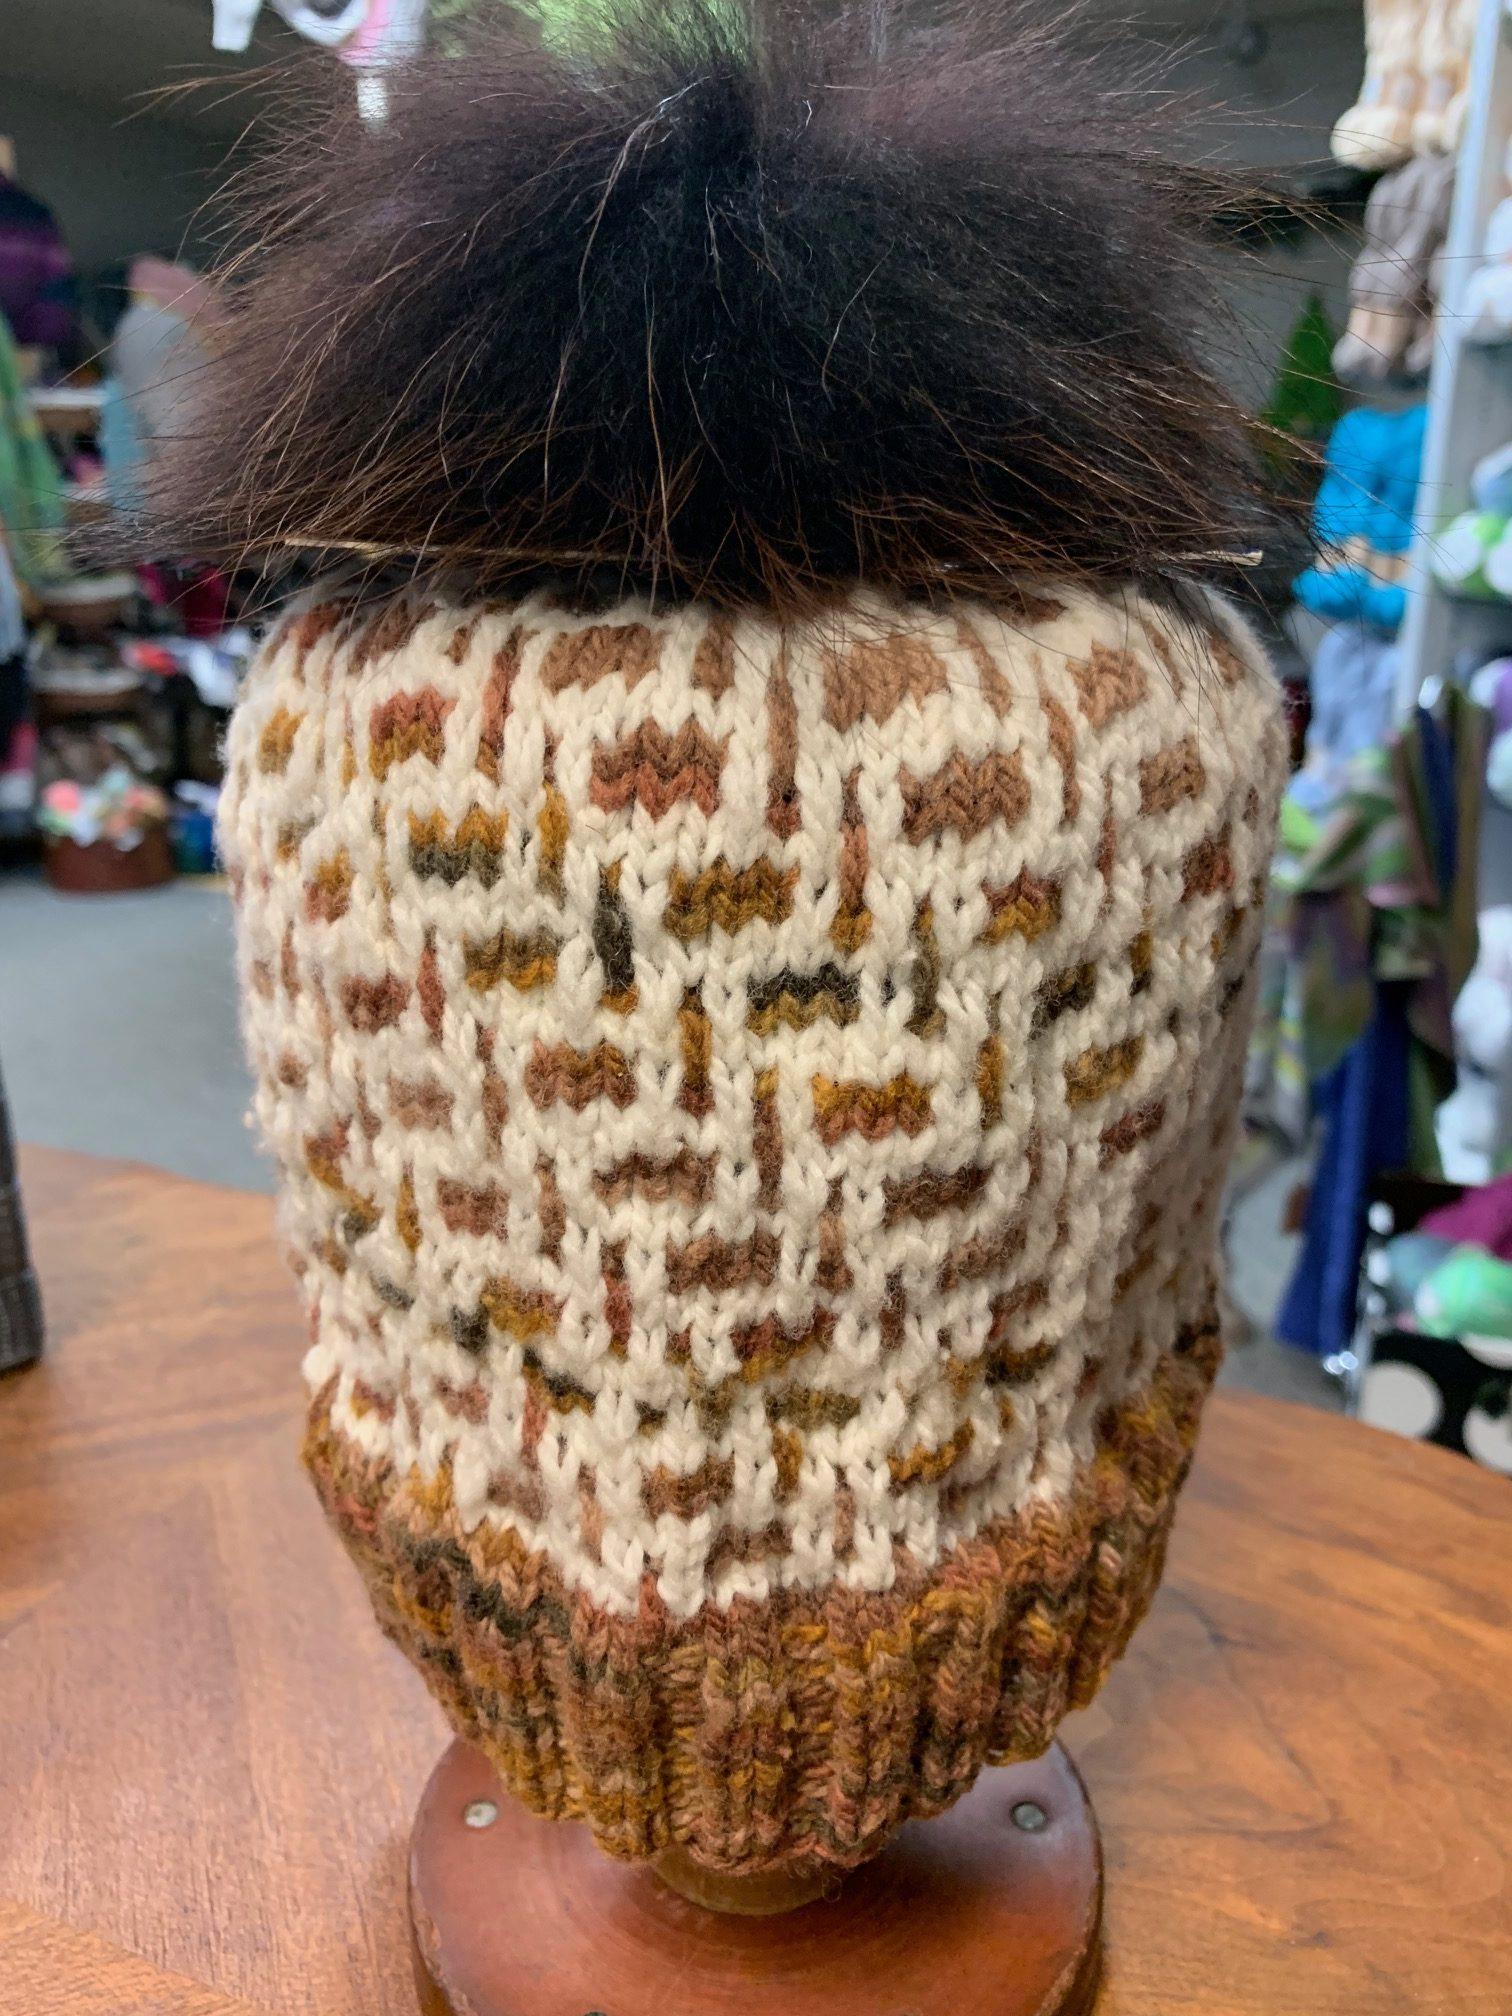 mosaic knitting class ImagiKnit Yarn Shop Omaha